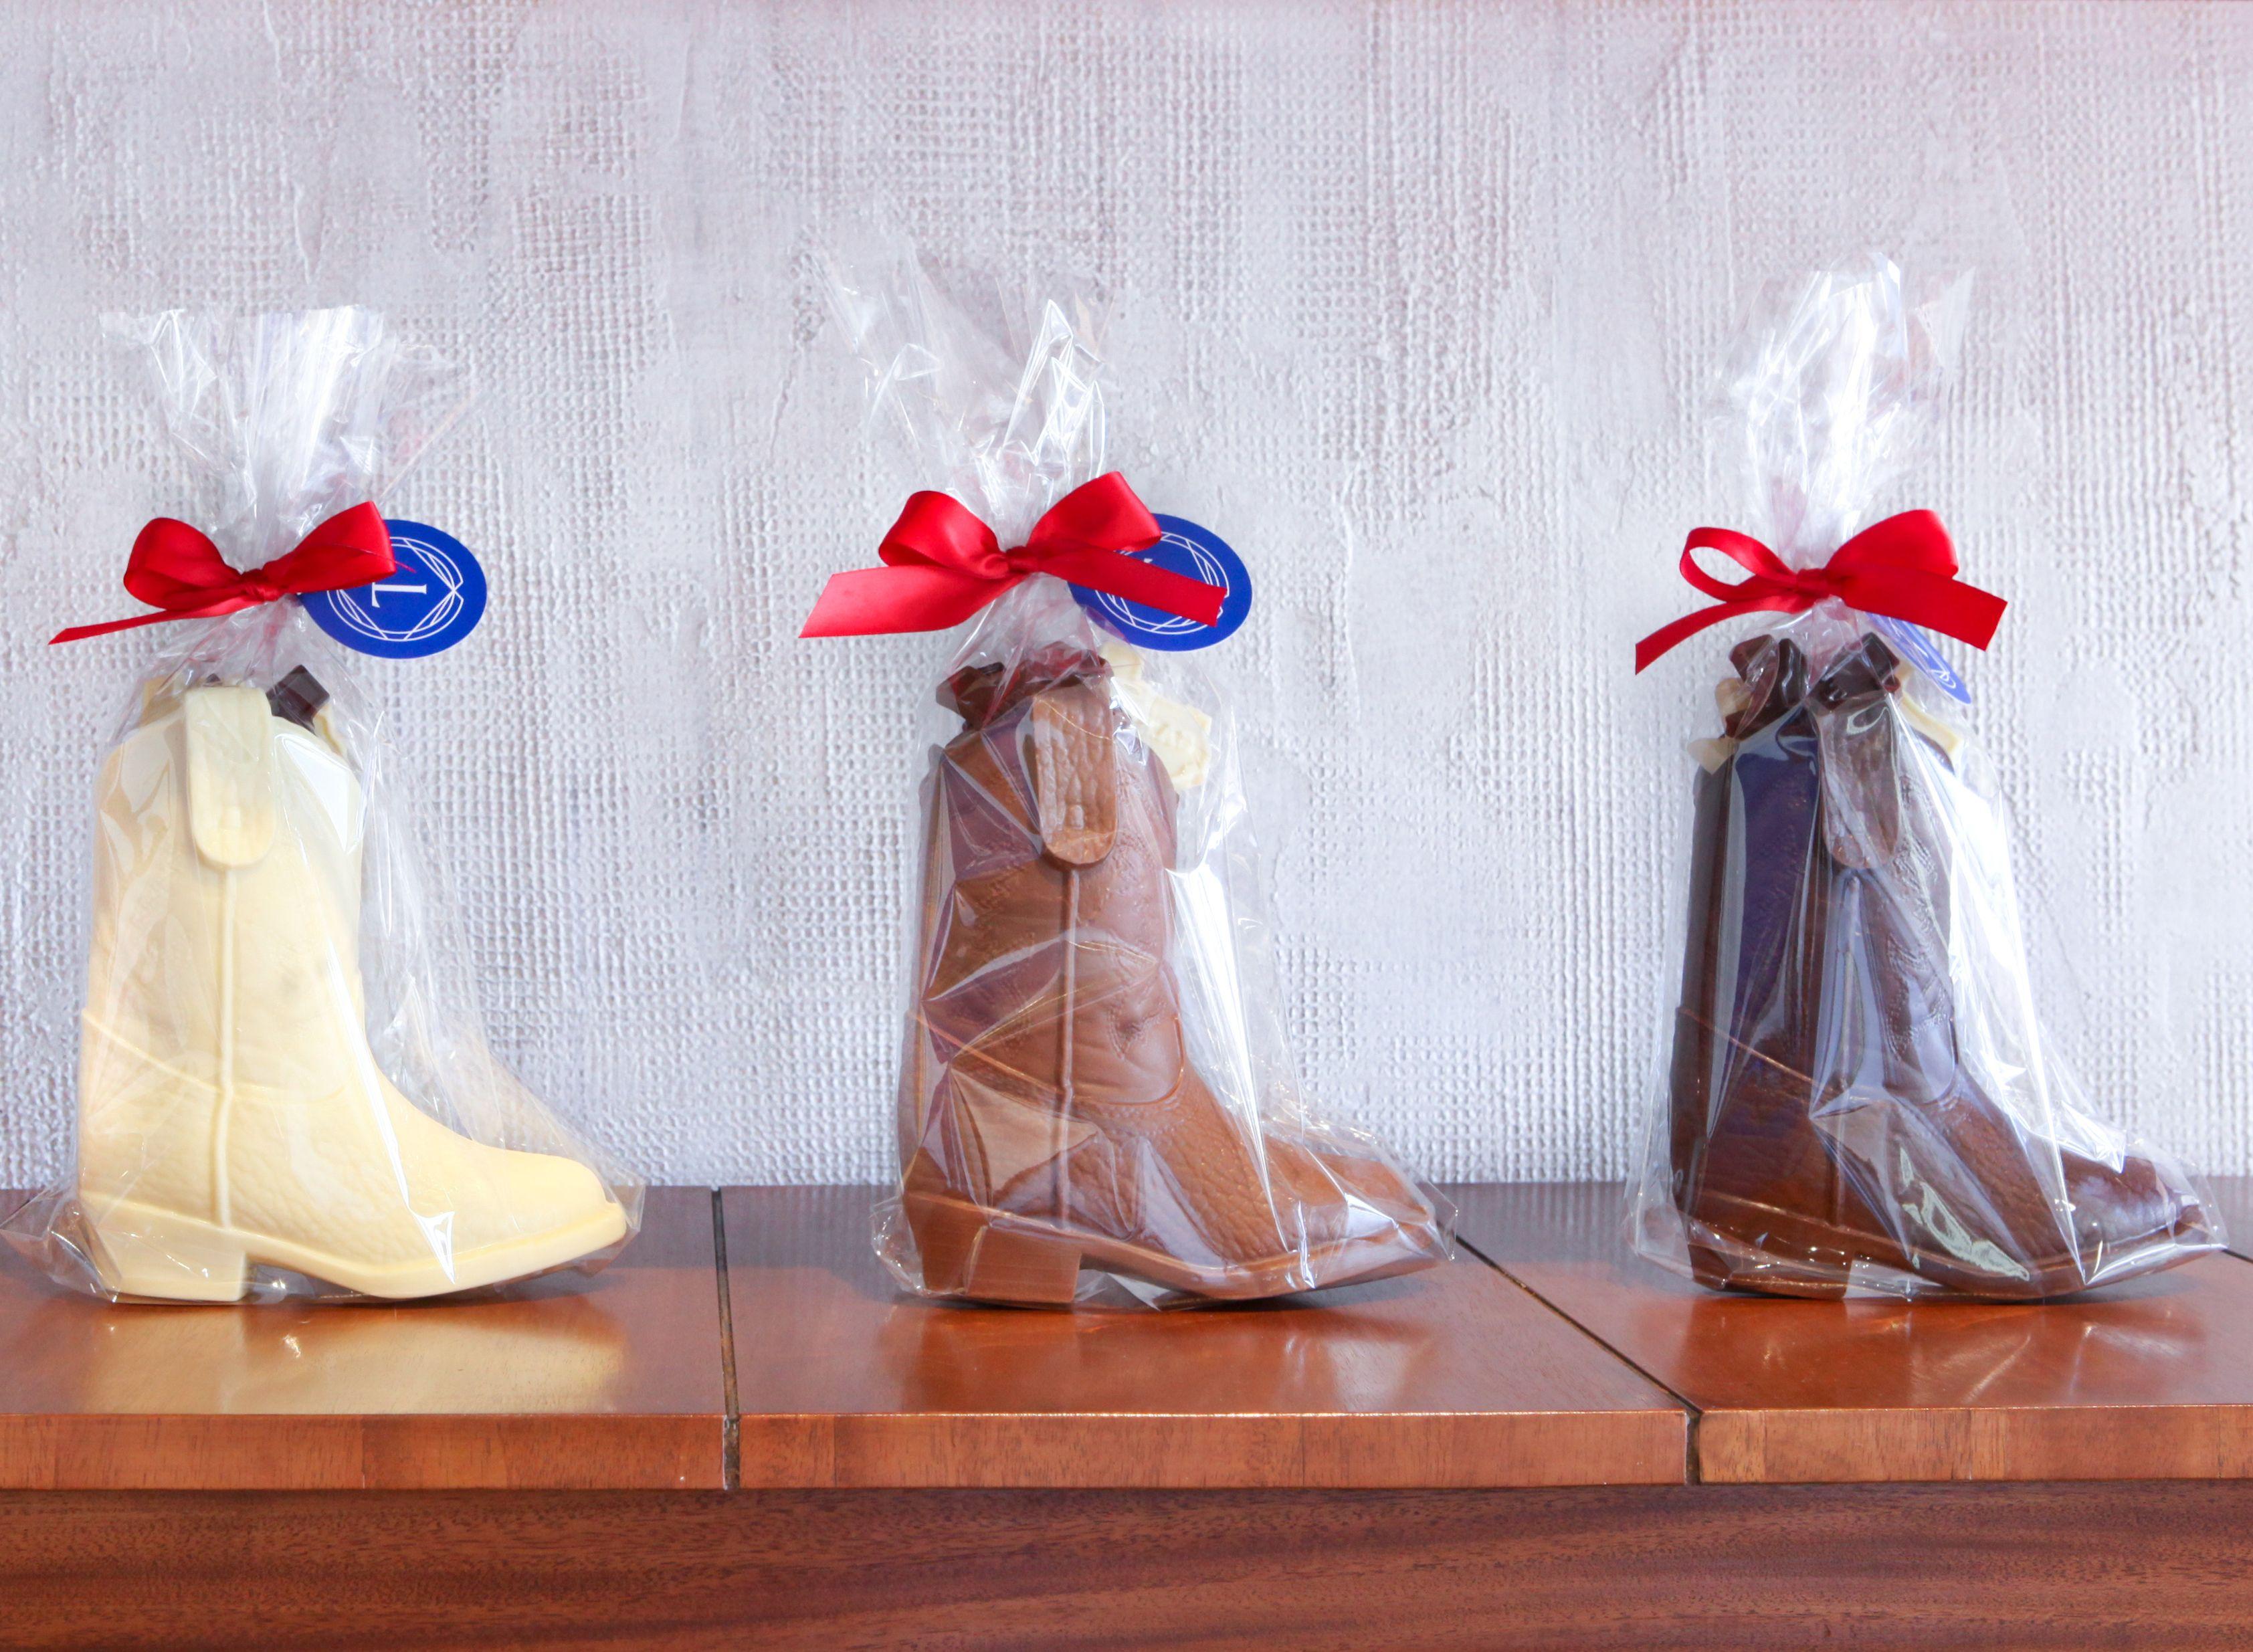 Cowboy boot austin edition cowboy boots whole milk